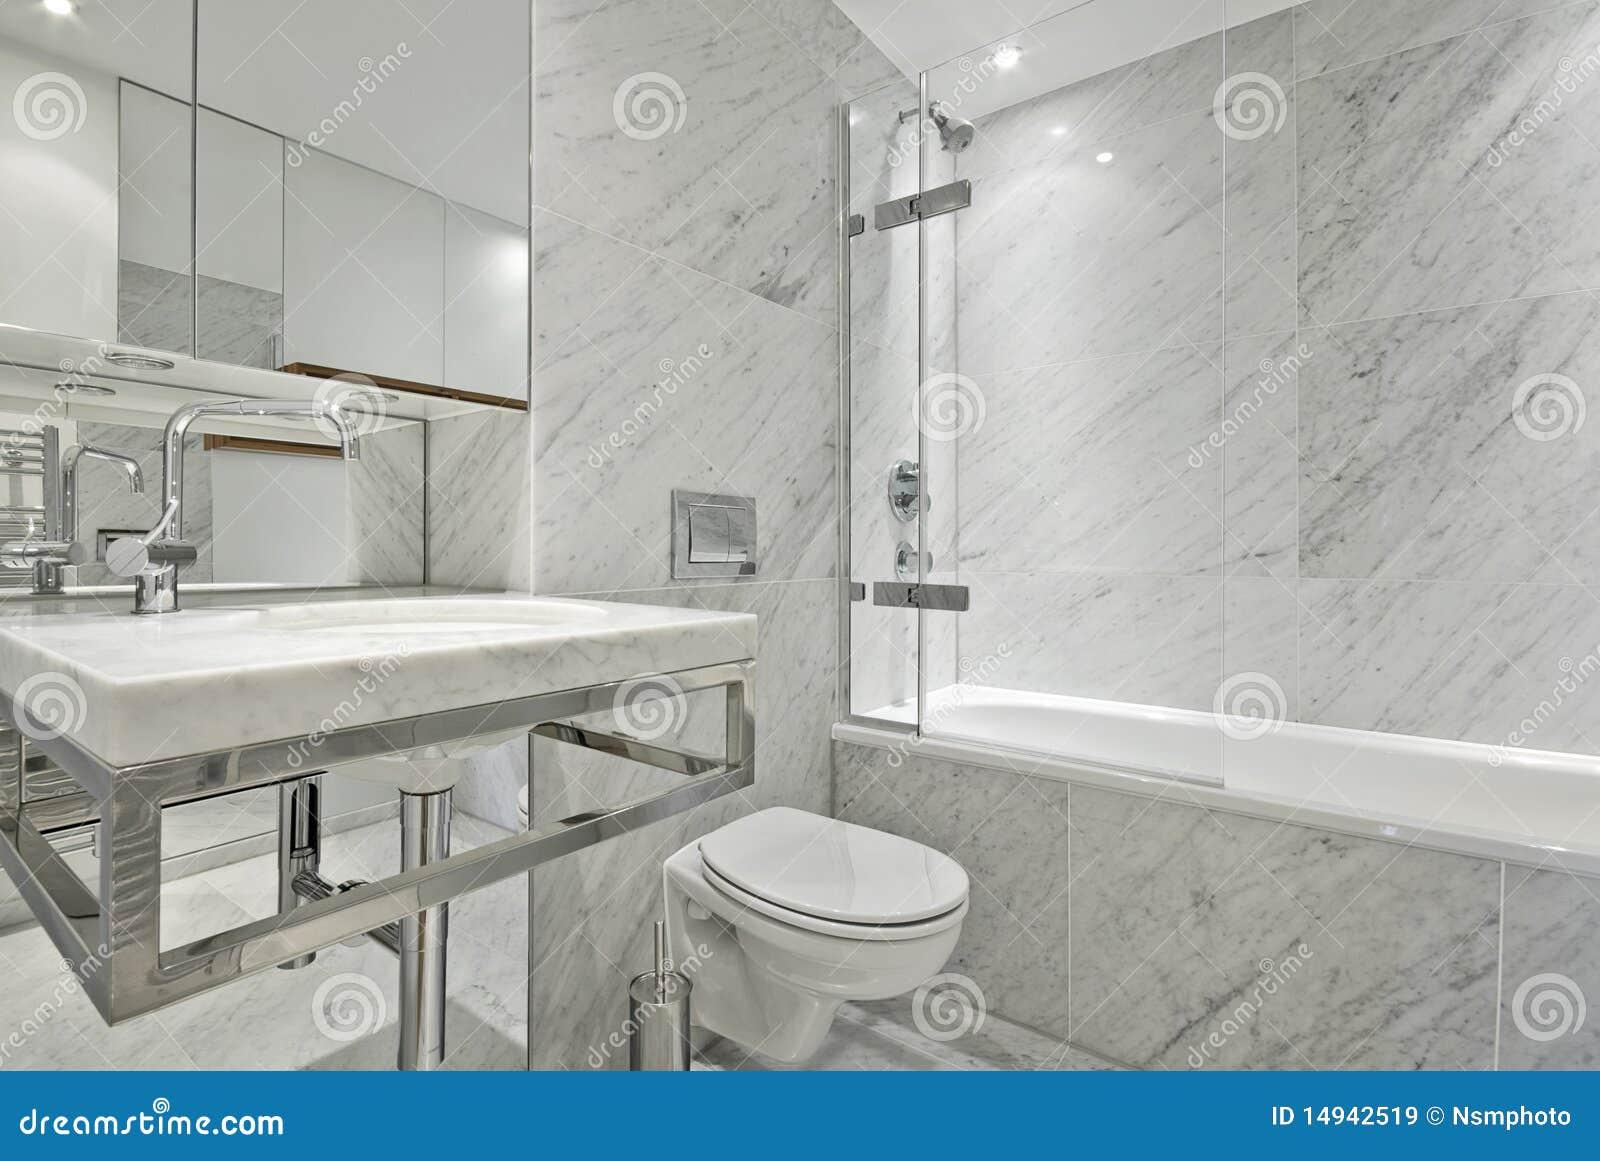 Vasche Da Bagno Prezzi E Misure : Stanza da bagno moderna del marmo della serie dell en nel bianco